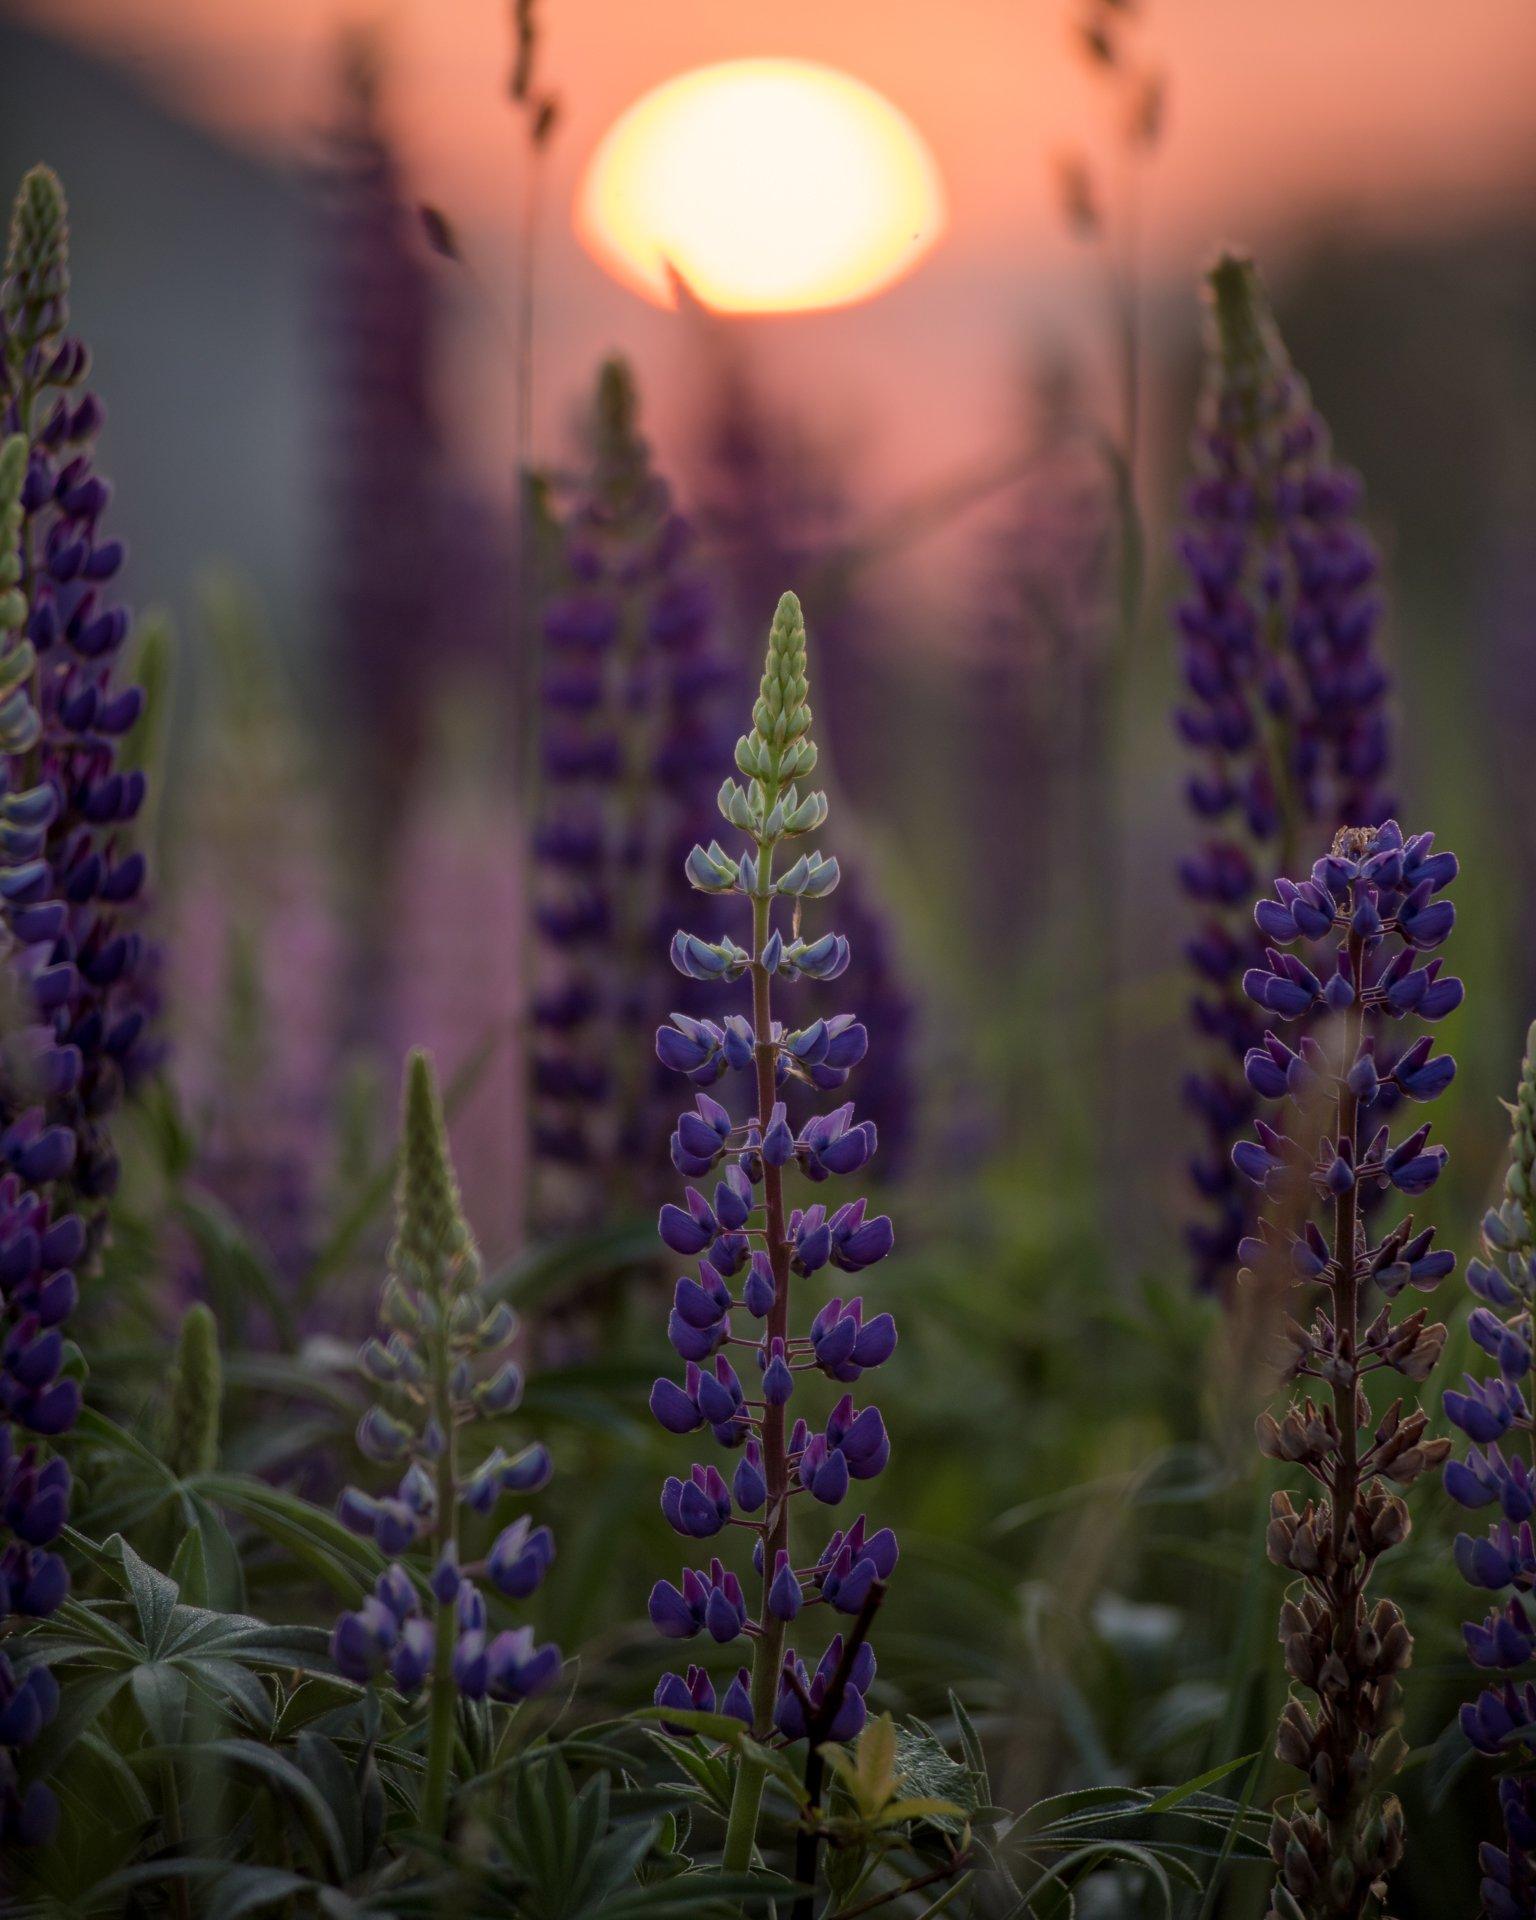 люпины, рассвет, великий новгород, цветы, лето, жара, июнь, Роман Ф